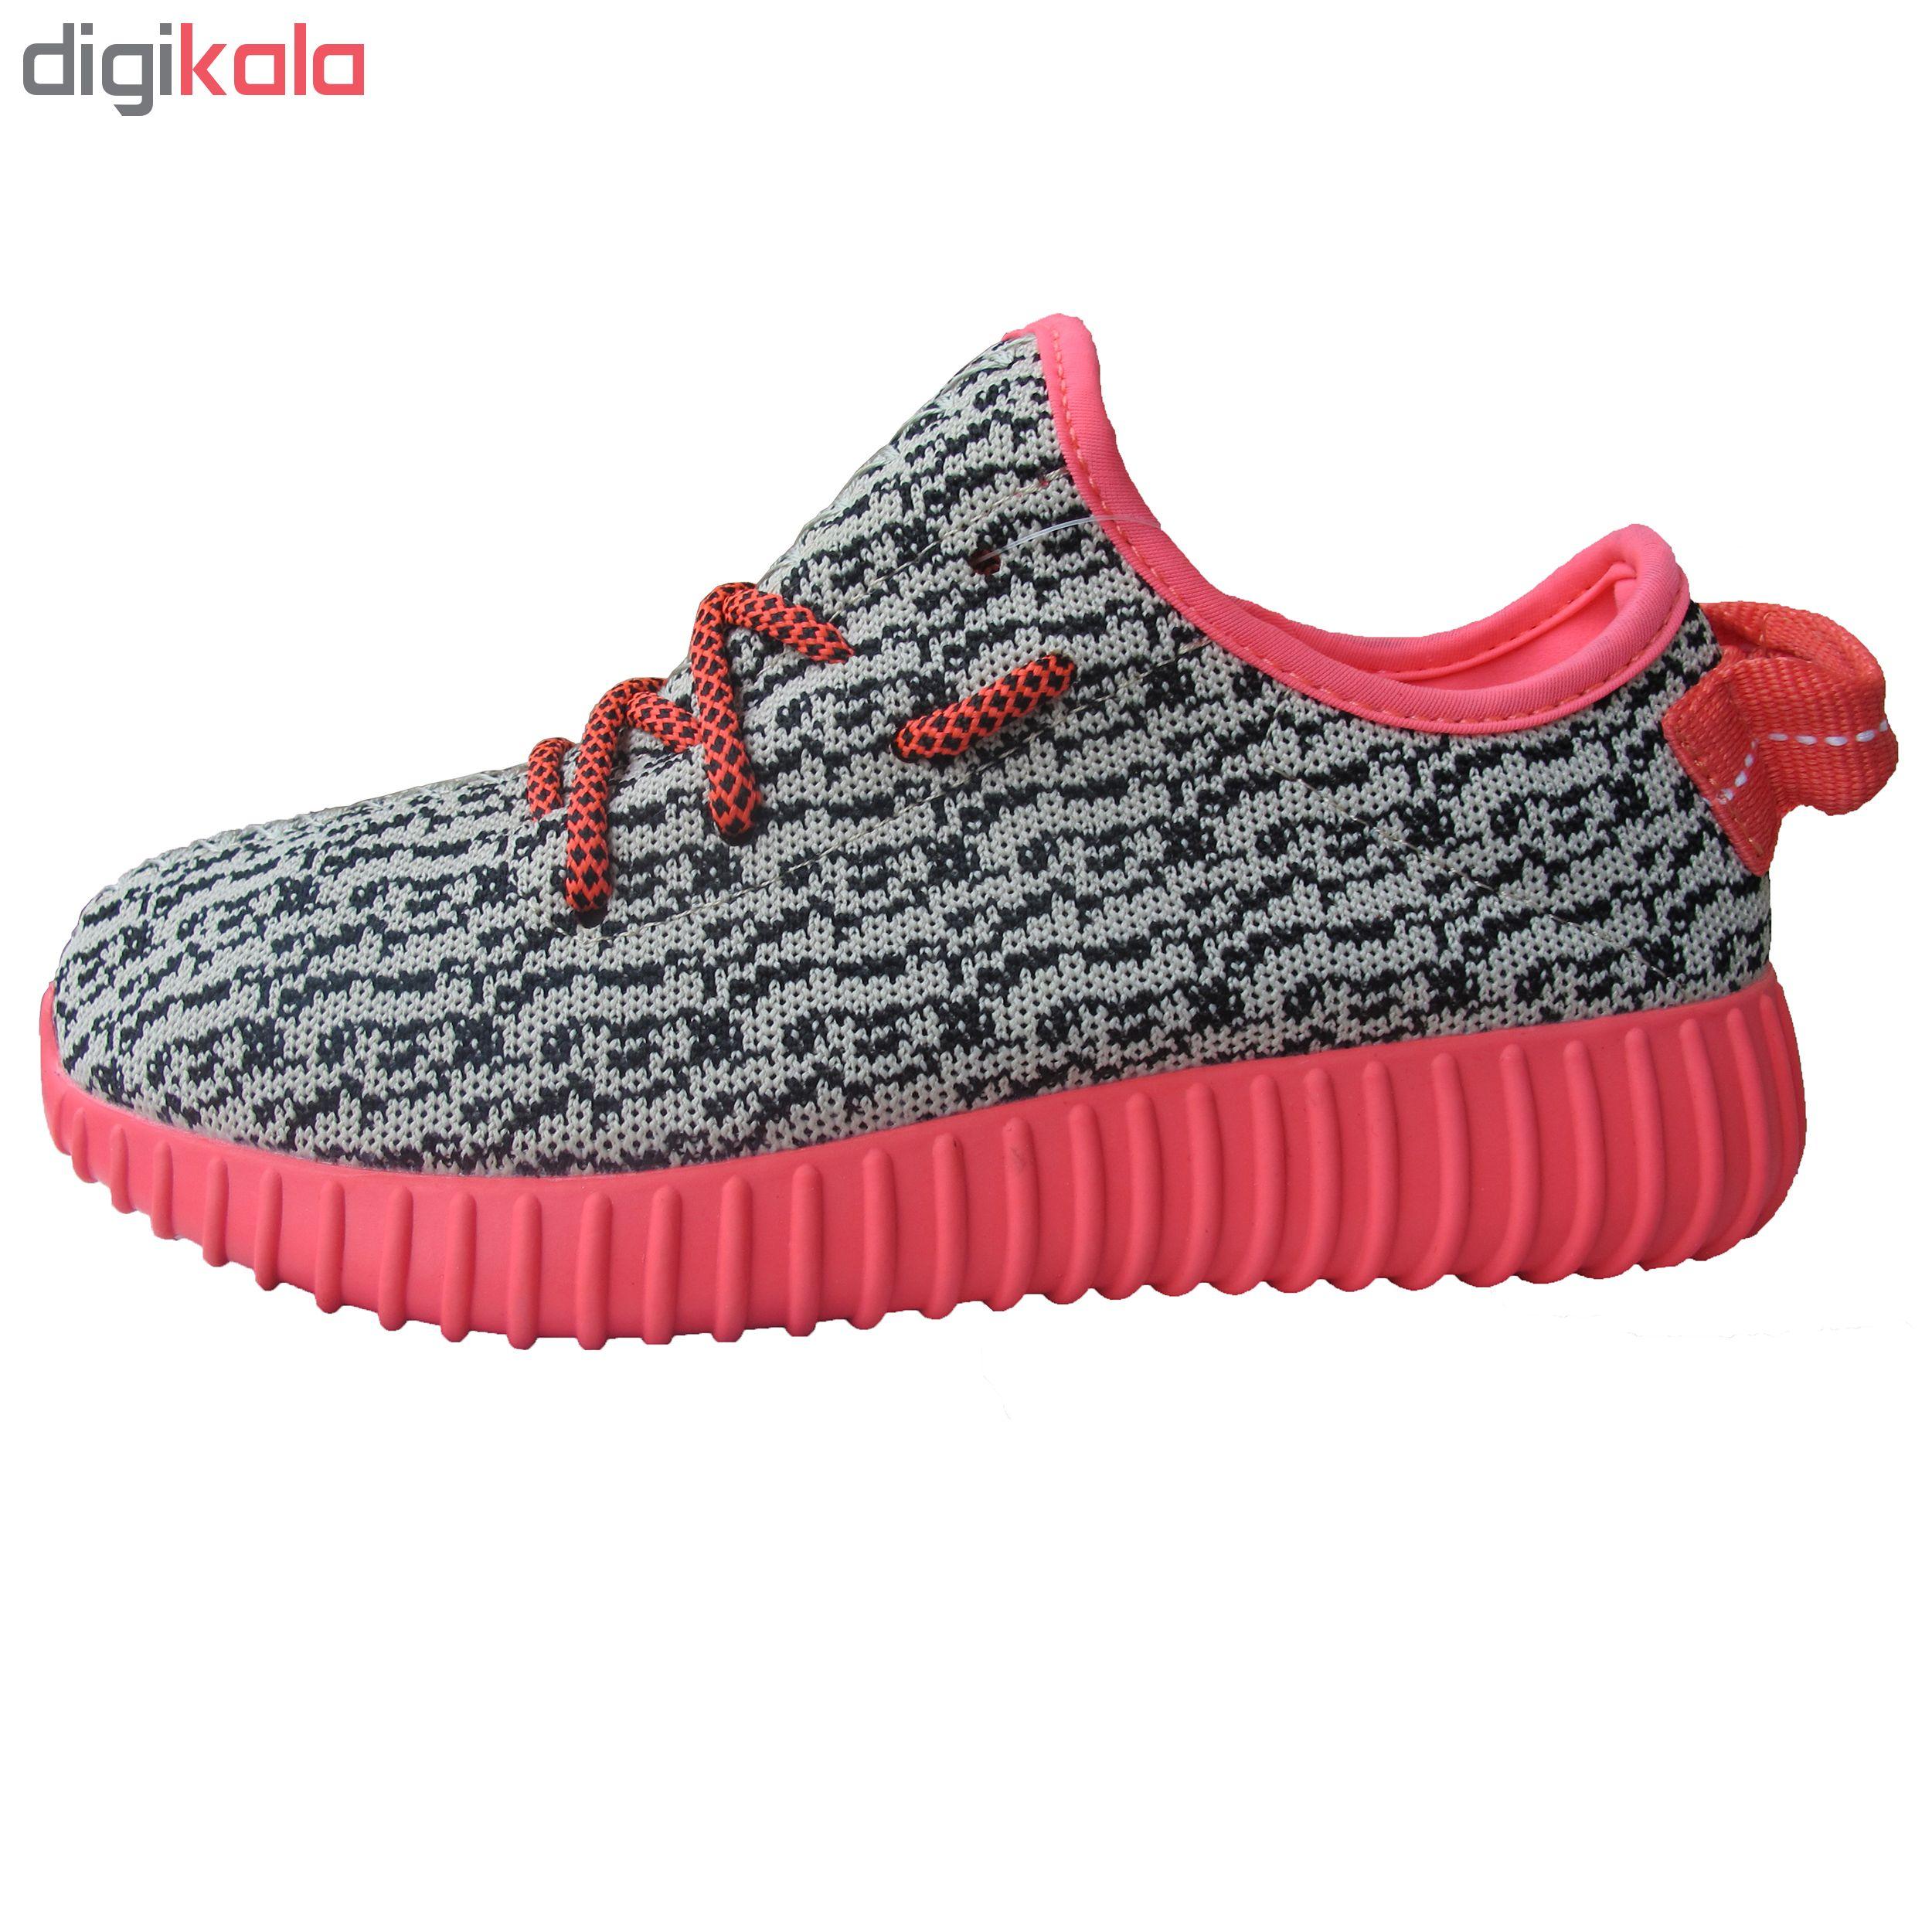 کفش ورزشی مخصوص پیاده روی و دویدن زنانه آدیداس مدل  YEEZY BOOST 350